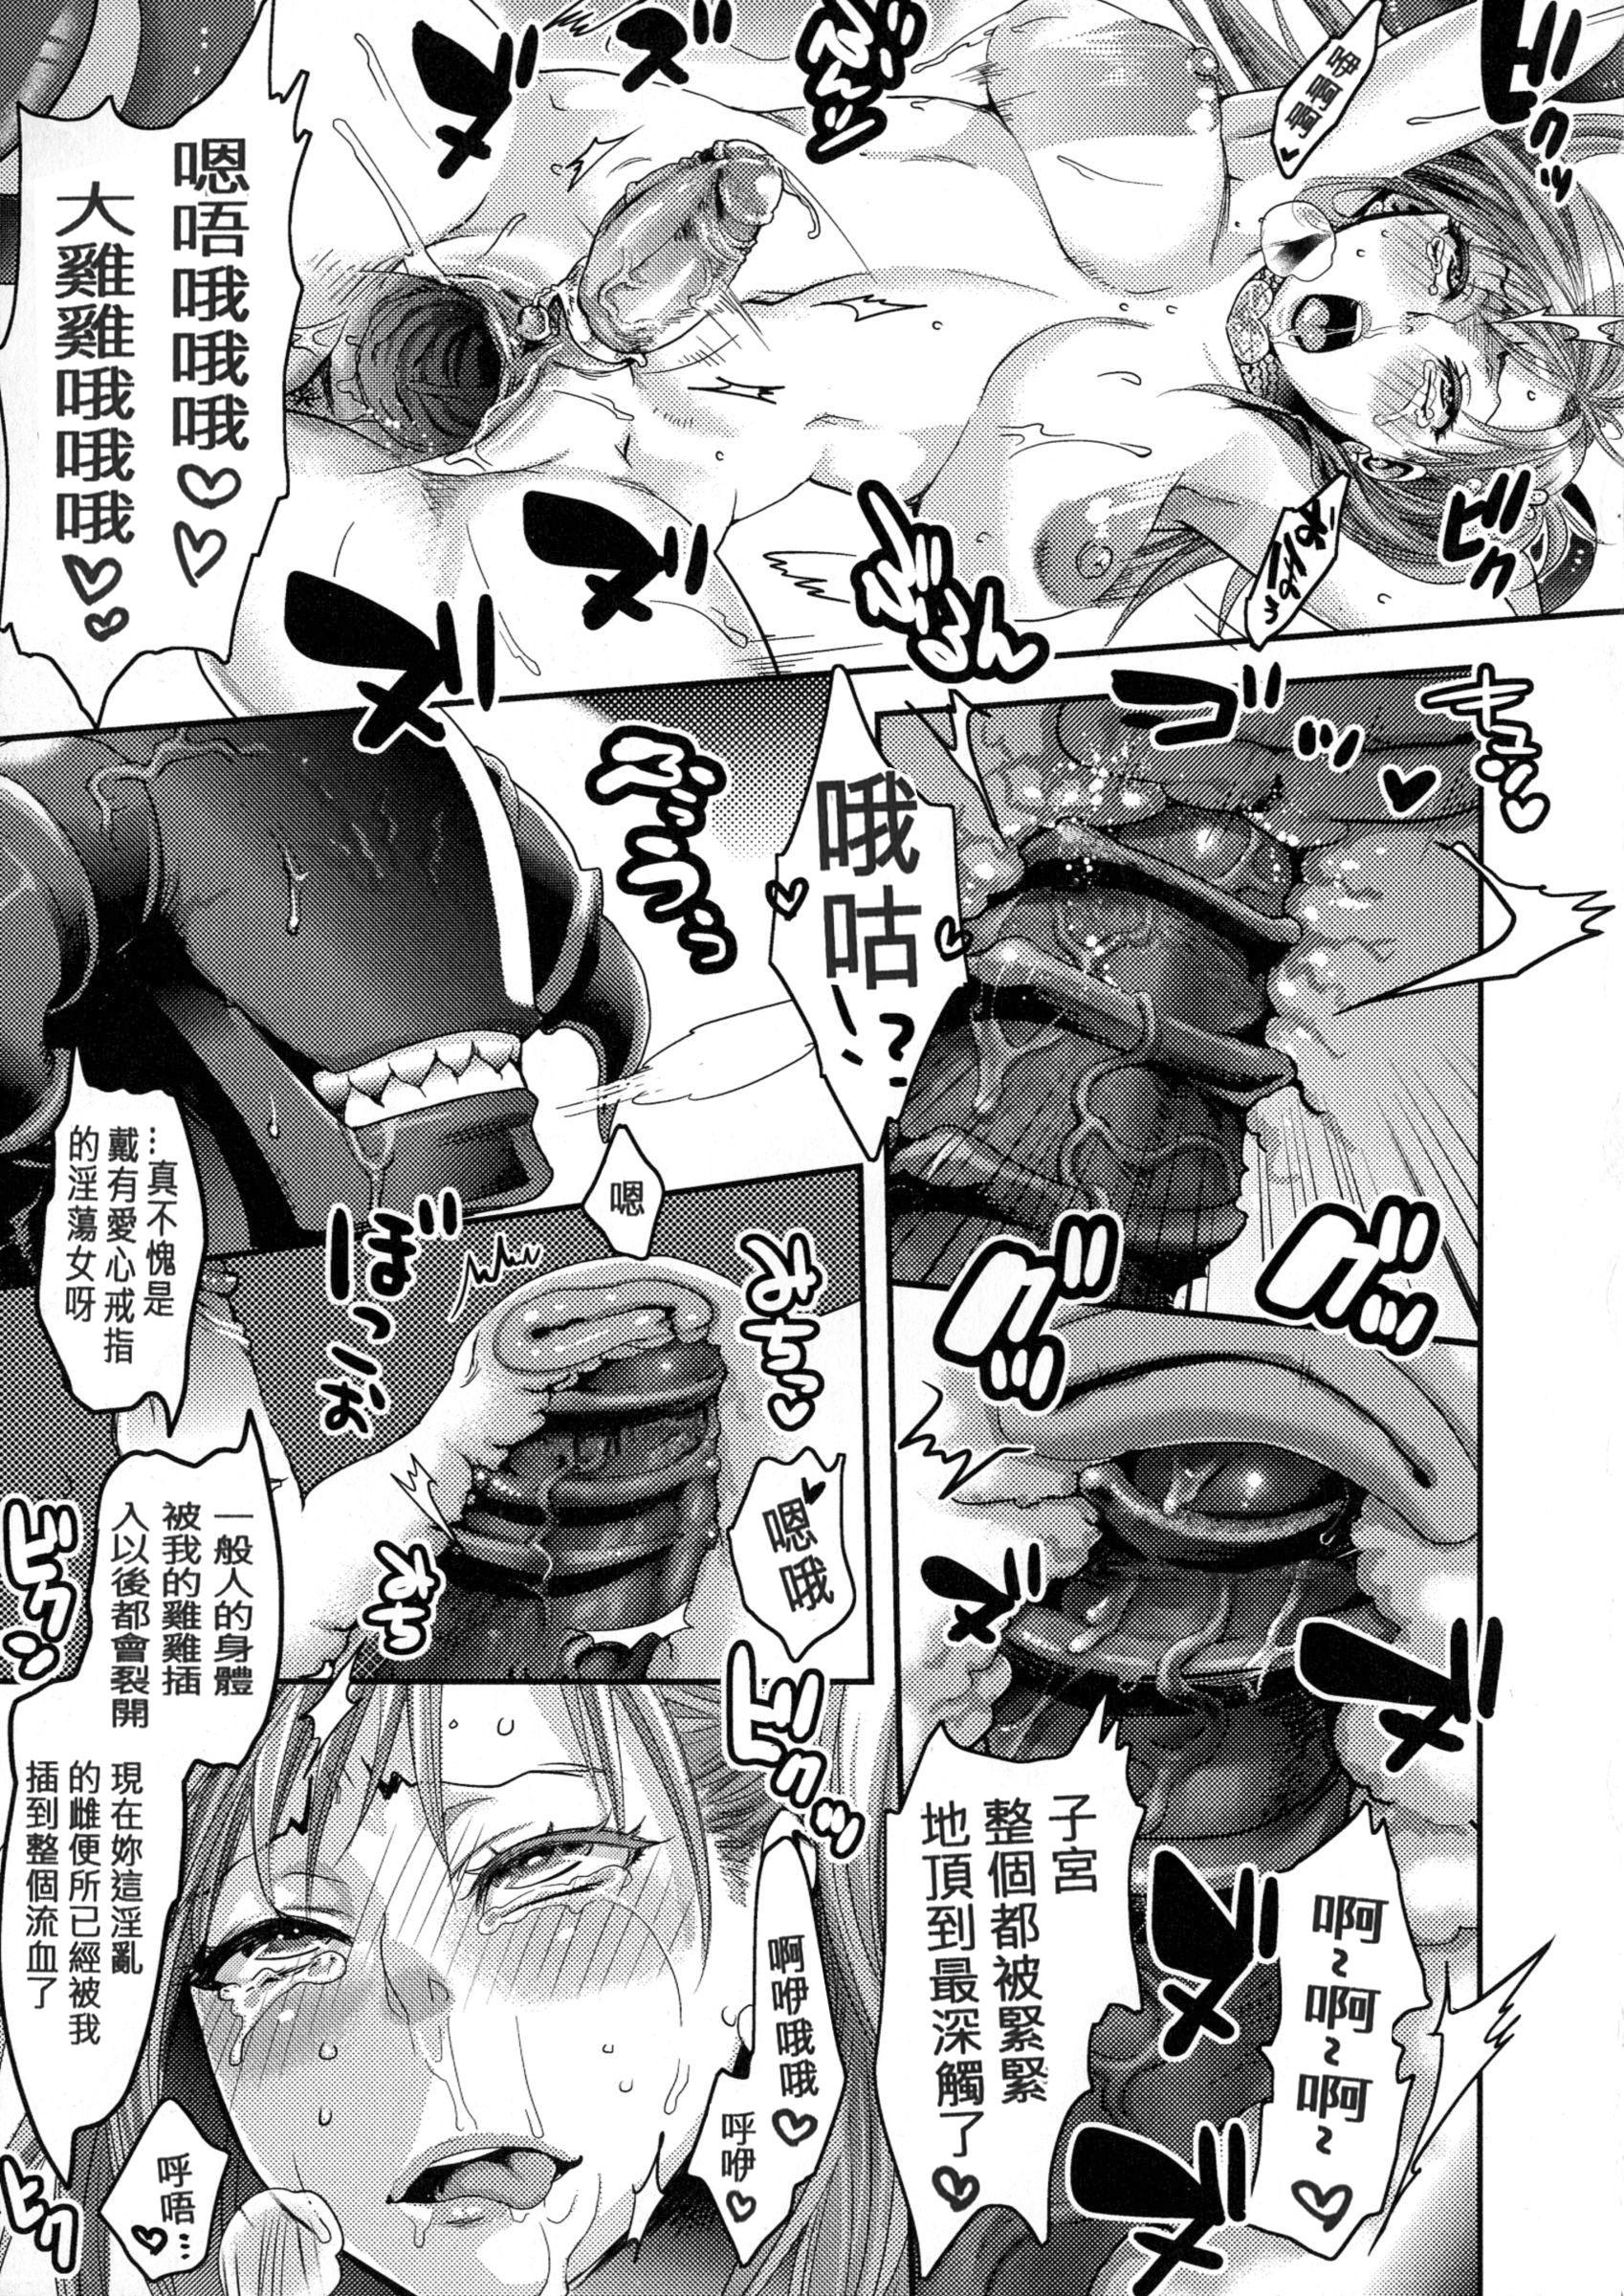 Chouki-sama no Ingyaku Yuugi 46